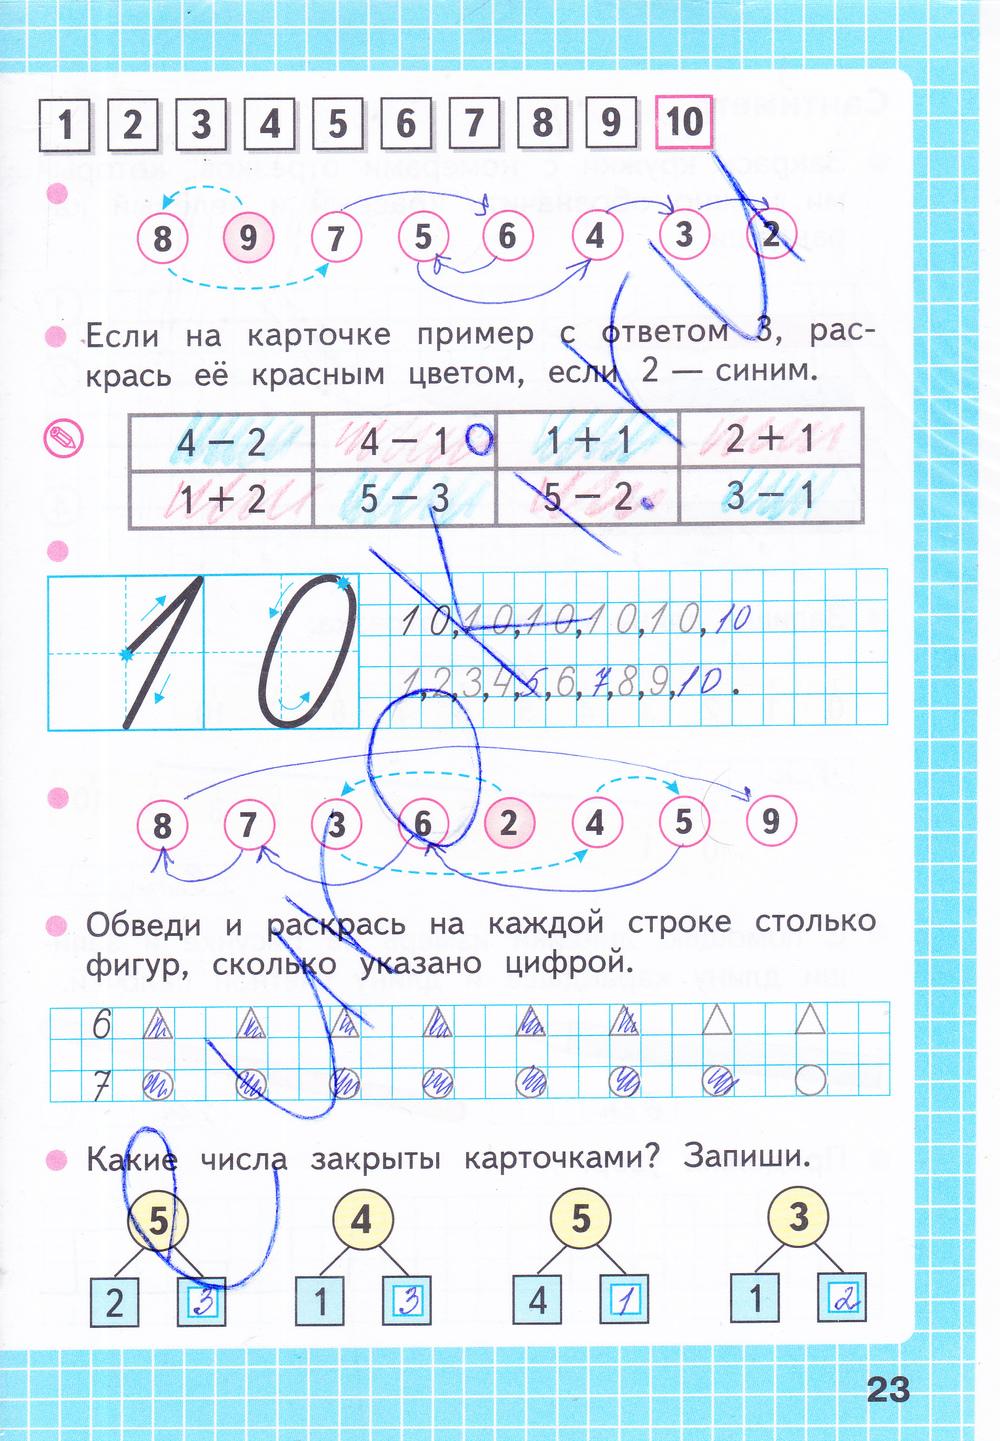 ГДЗ по математике 1 класс рабочая тетрадь Моро, Волкова Часть 1, 2. Задание: стр. 23